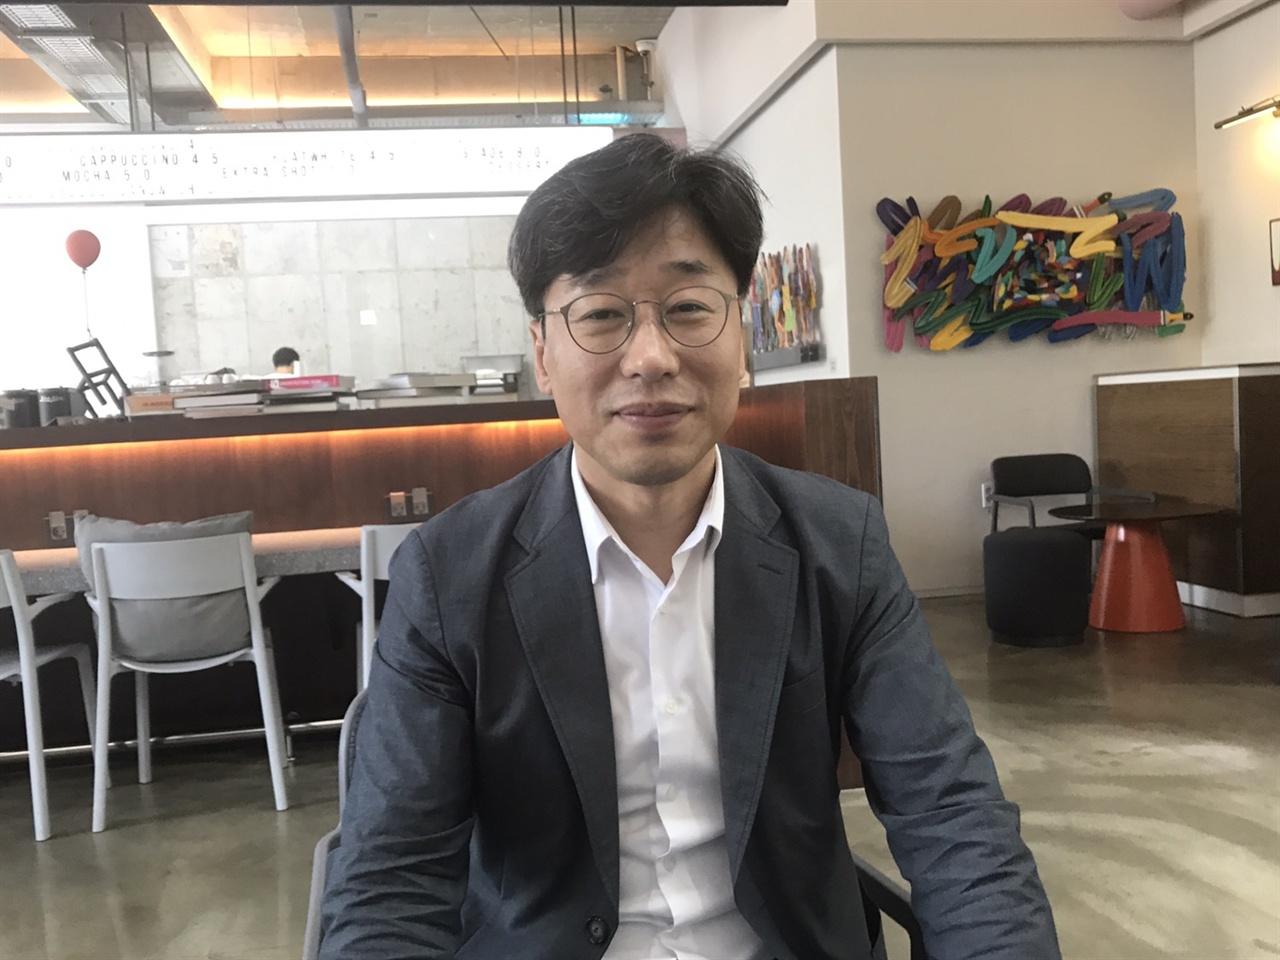 시사평론가 김성완씨